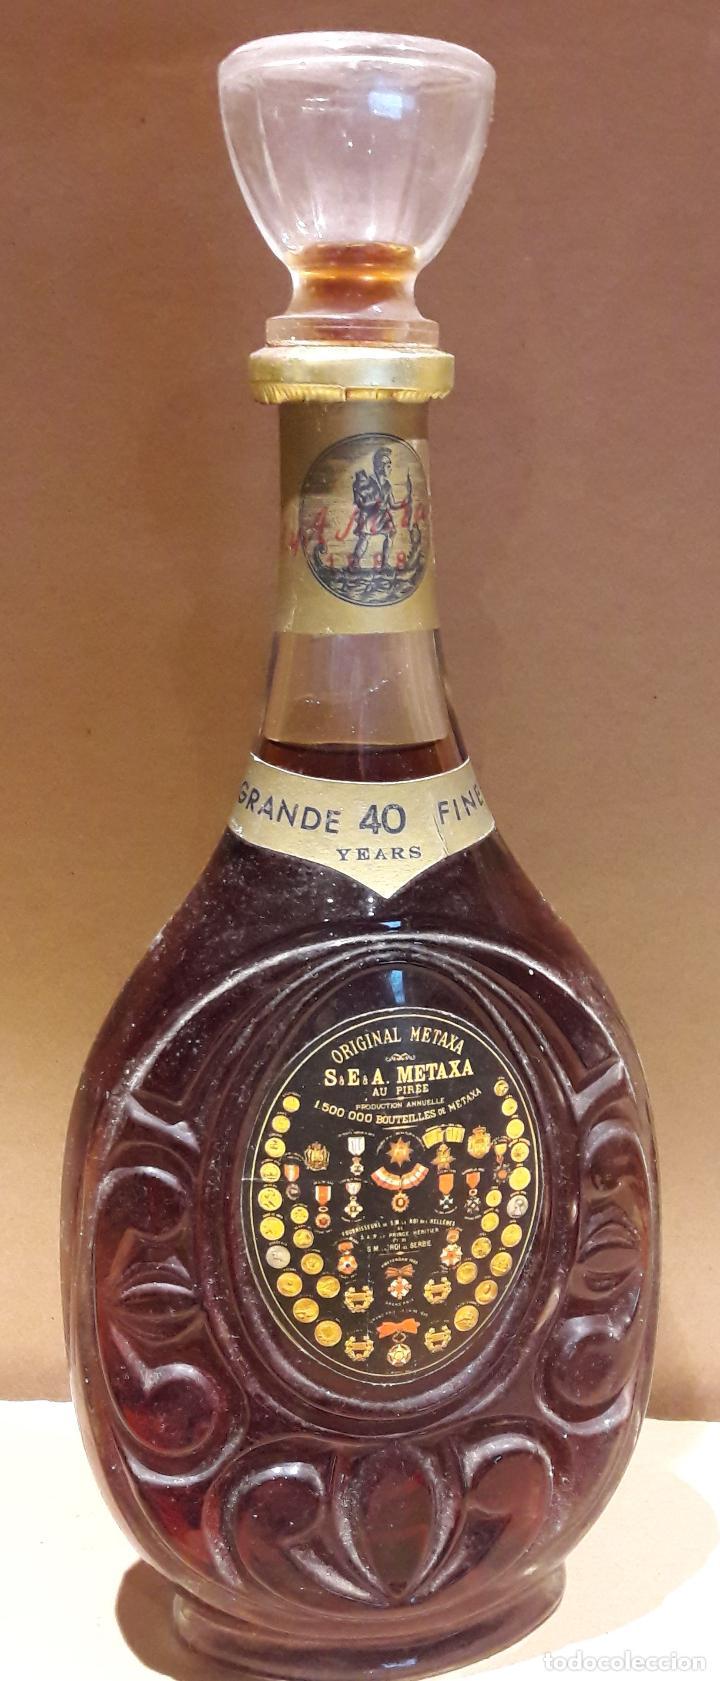 EXCEPCIONAL BOTELLA DE BRANDY METAXA GRANDE FINE 40 YEARS / COMPRADA EN LOS '70 (Coleccionismo - Botellas y Bebidas - Vinos, Licores y Aguardientes)